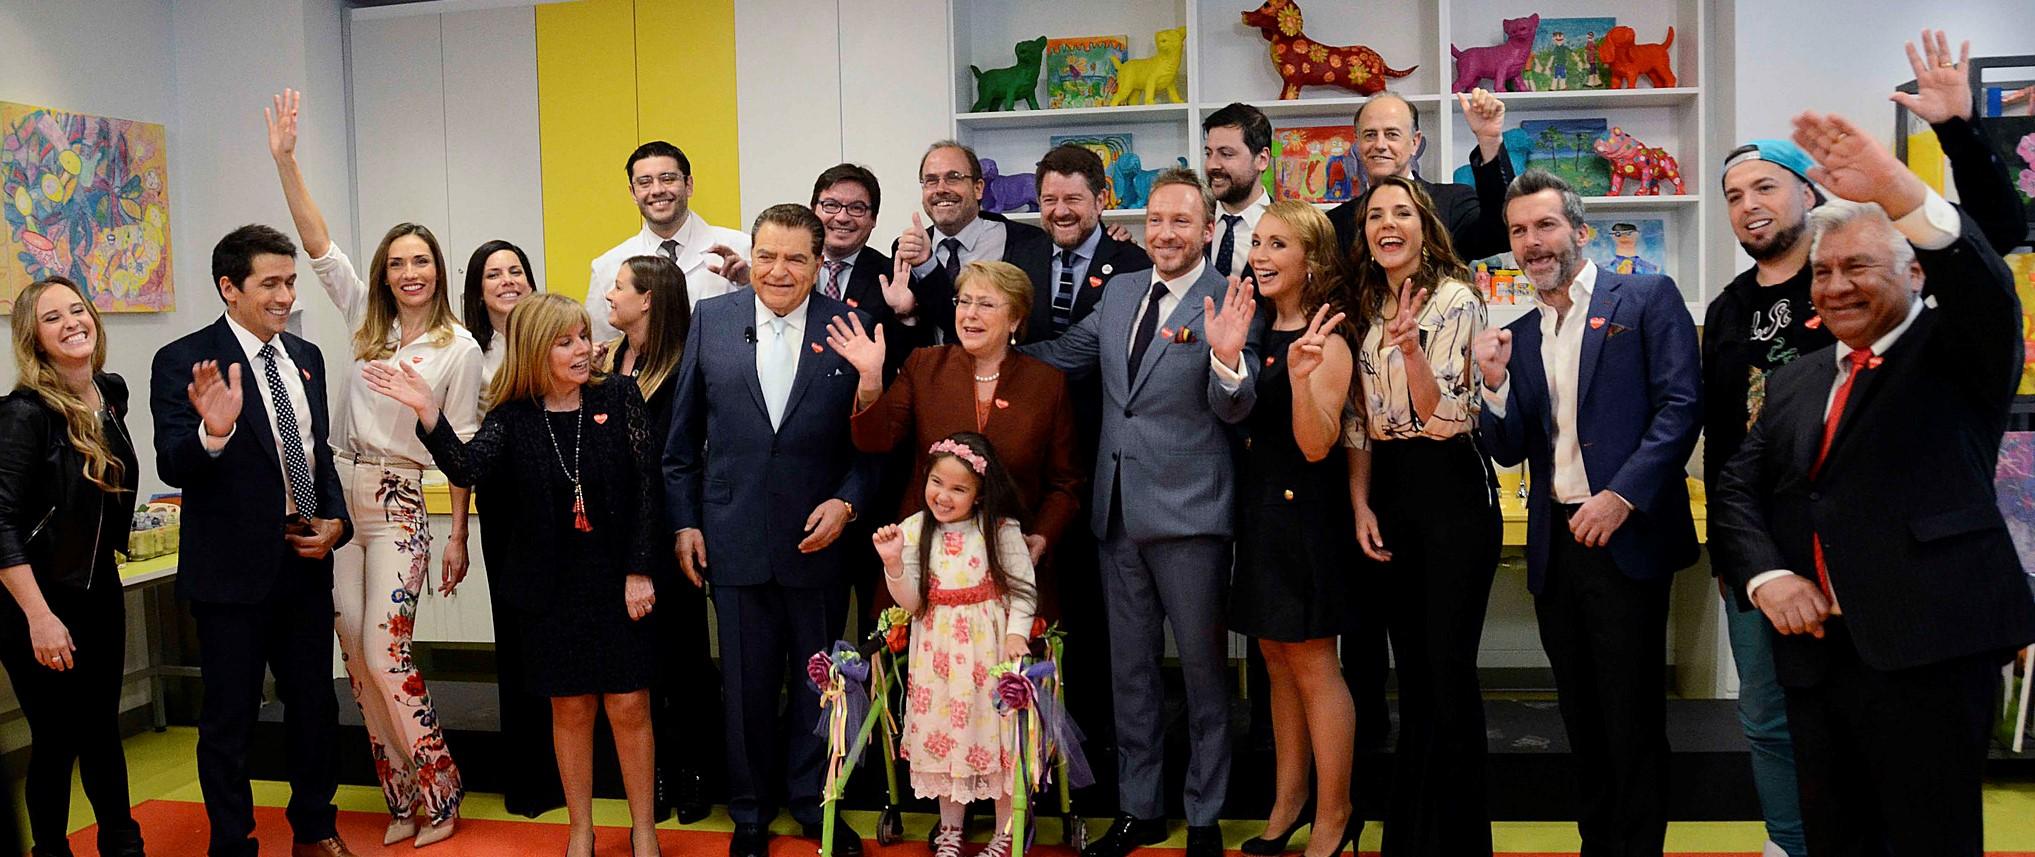 Se lanzó la Teletón 2017 con la Ampliación del Instituto de Santiago